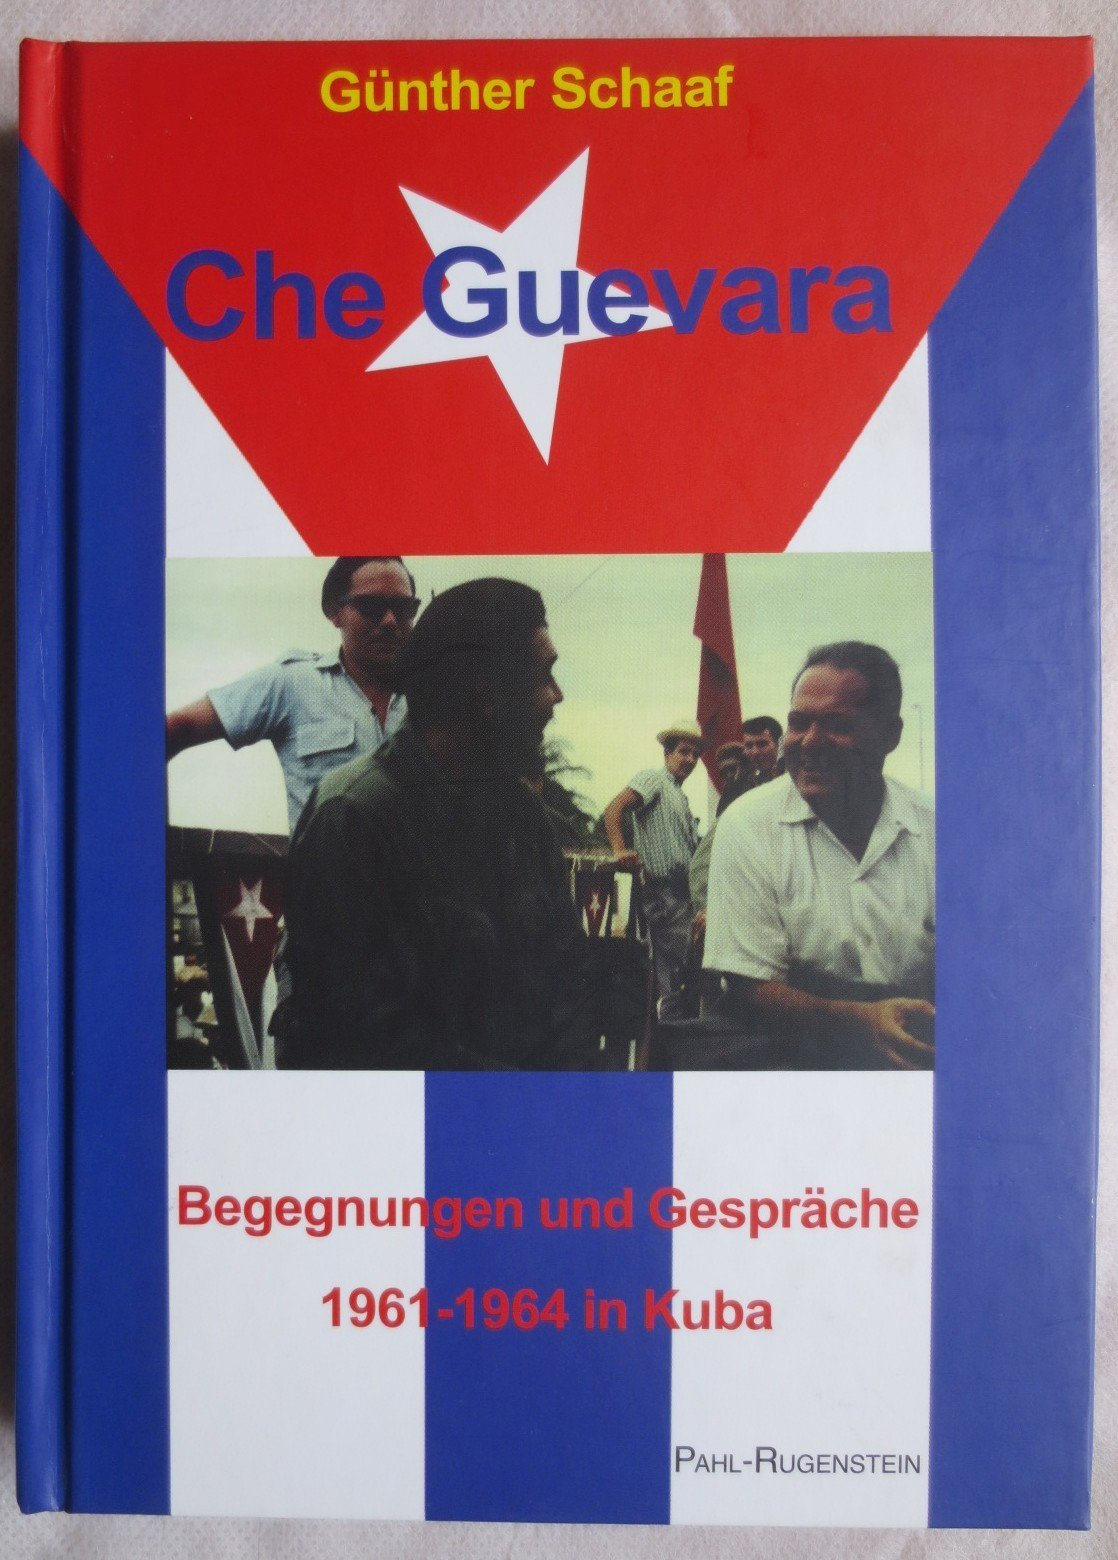 che-guevara-begegnungen-und-gesprche-1961-1964-in-kuba